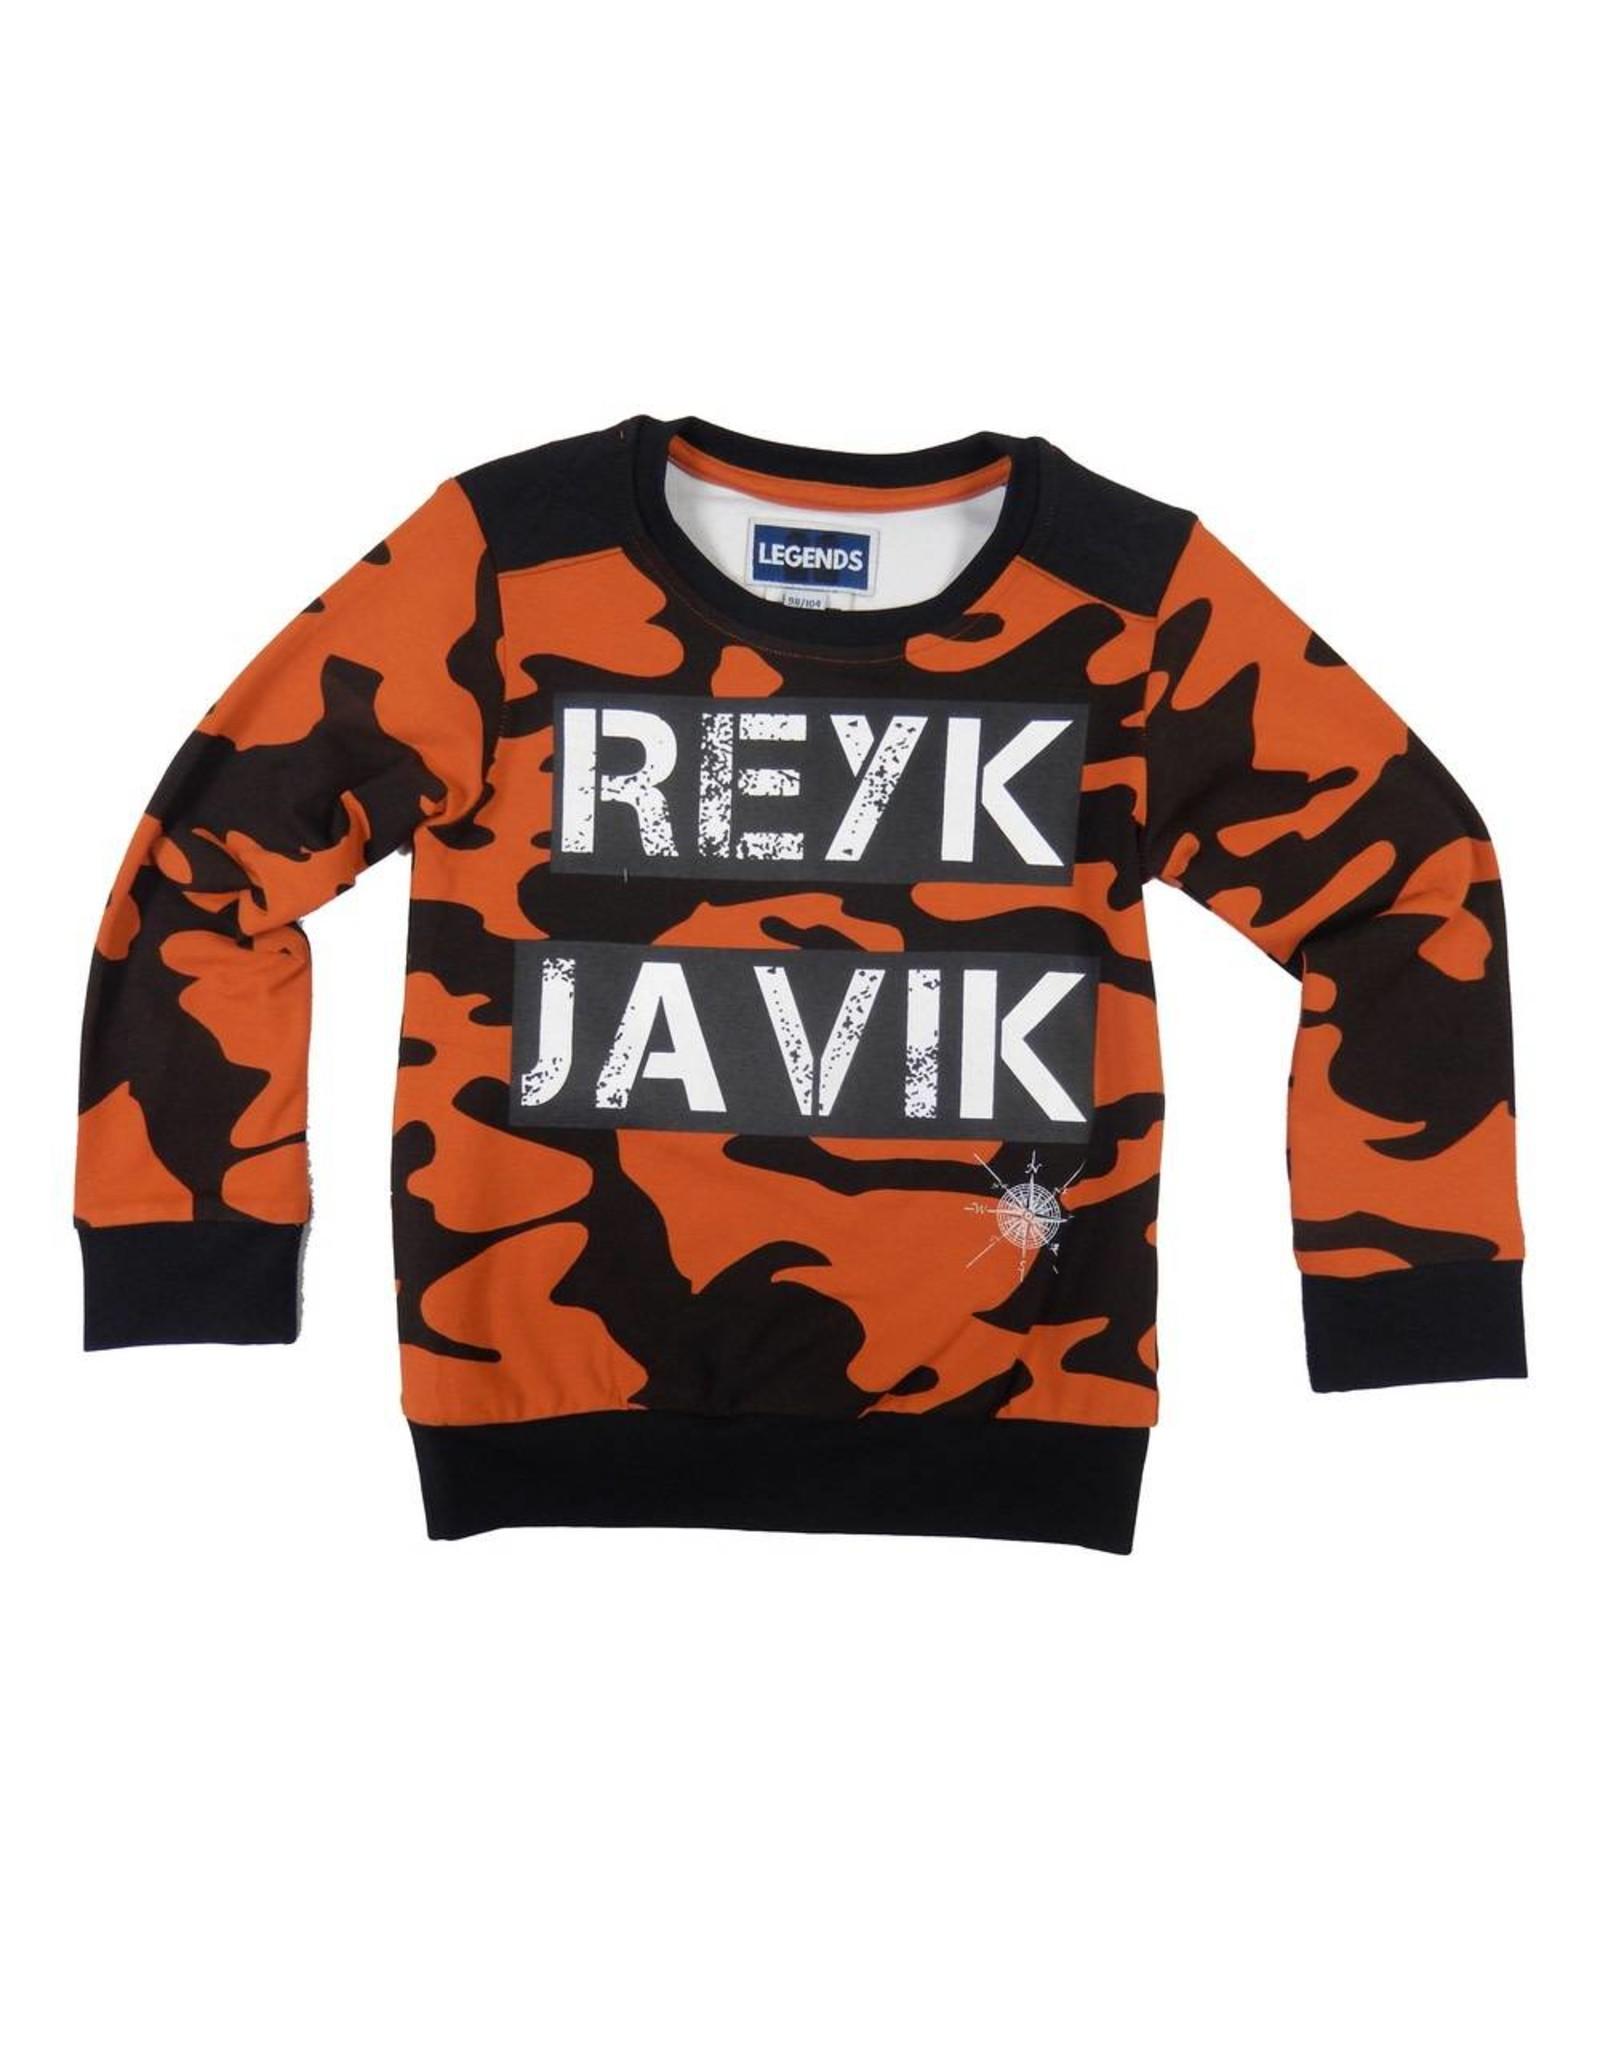 Legends22 Legends22 jongens sweater Reykjavik